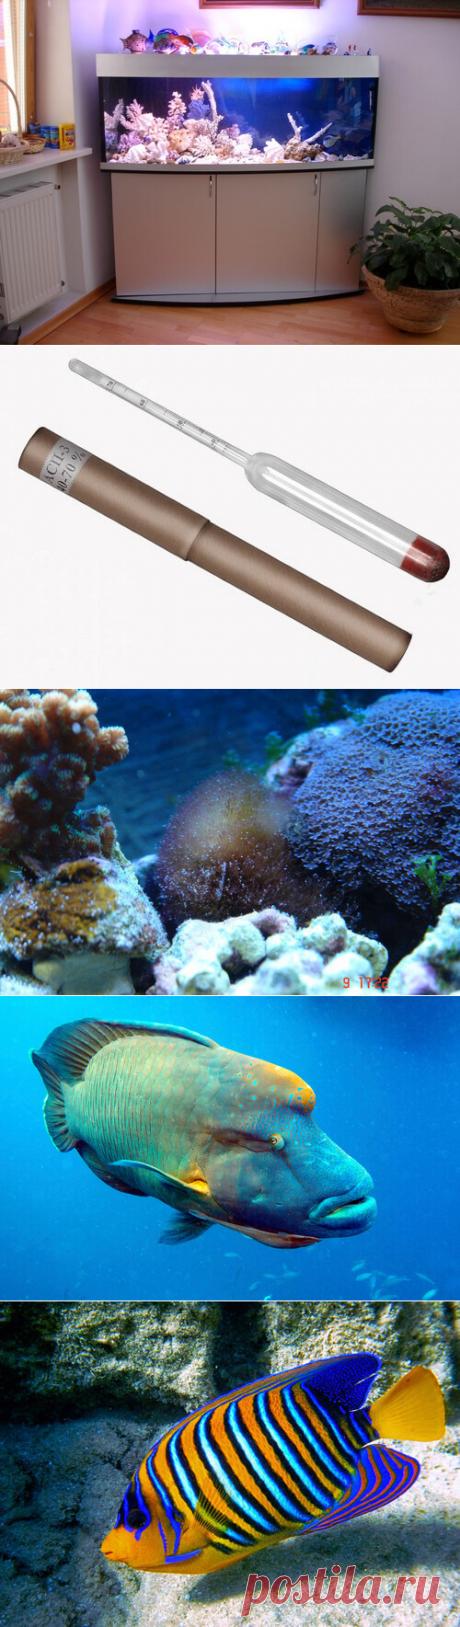 Запуск морского аквариума: пошаговая инструкция в домашних условиях